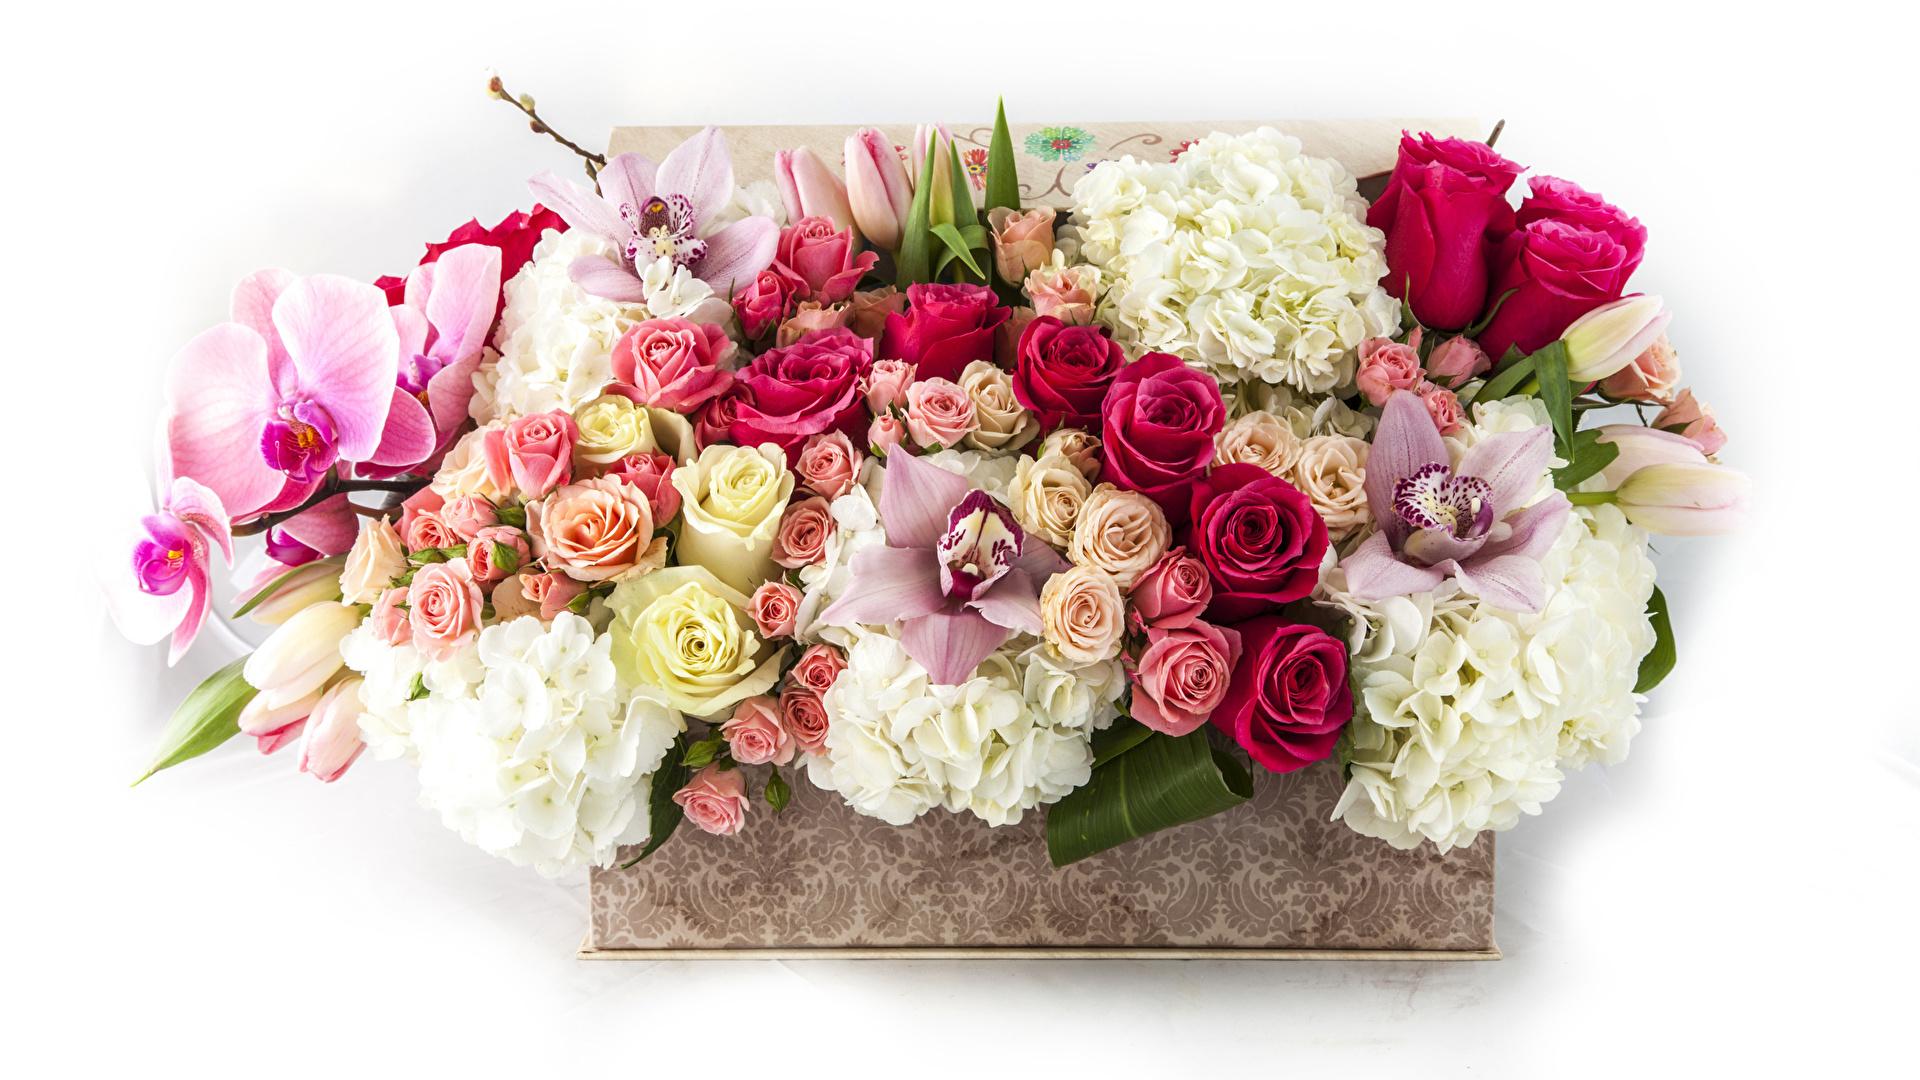 Mazzo Di Fiori Orchidee.Immagini Mazzo Di Fiori Rose Orchidee Fiori Ortensia 1920x1080